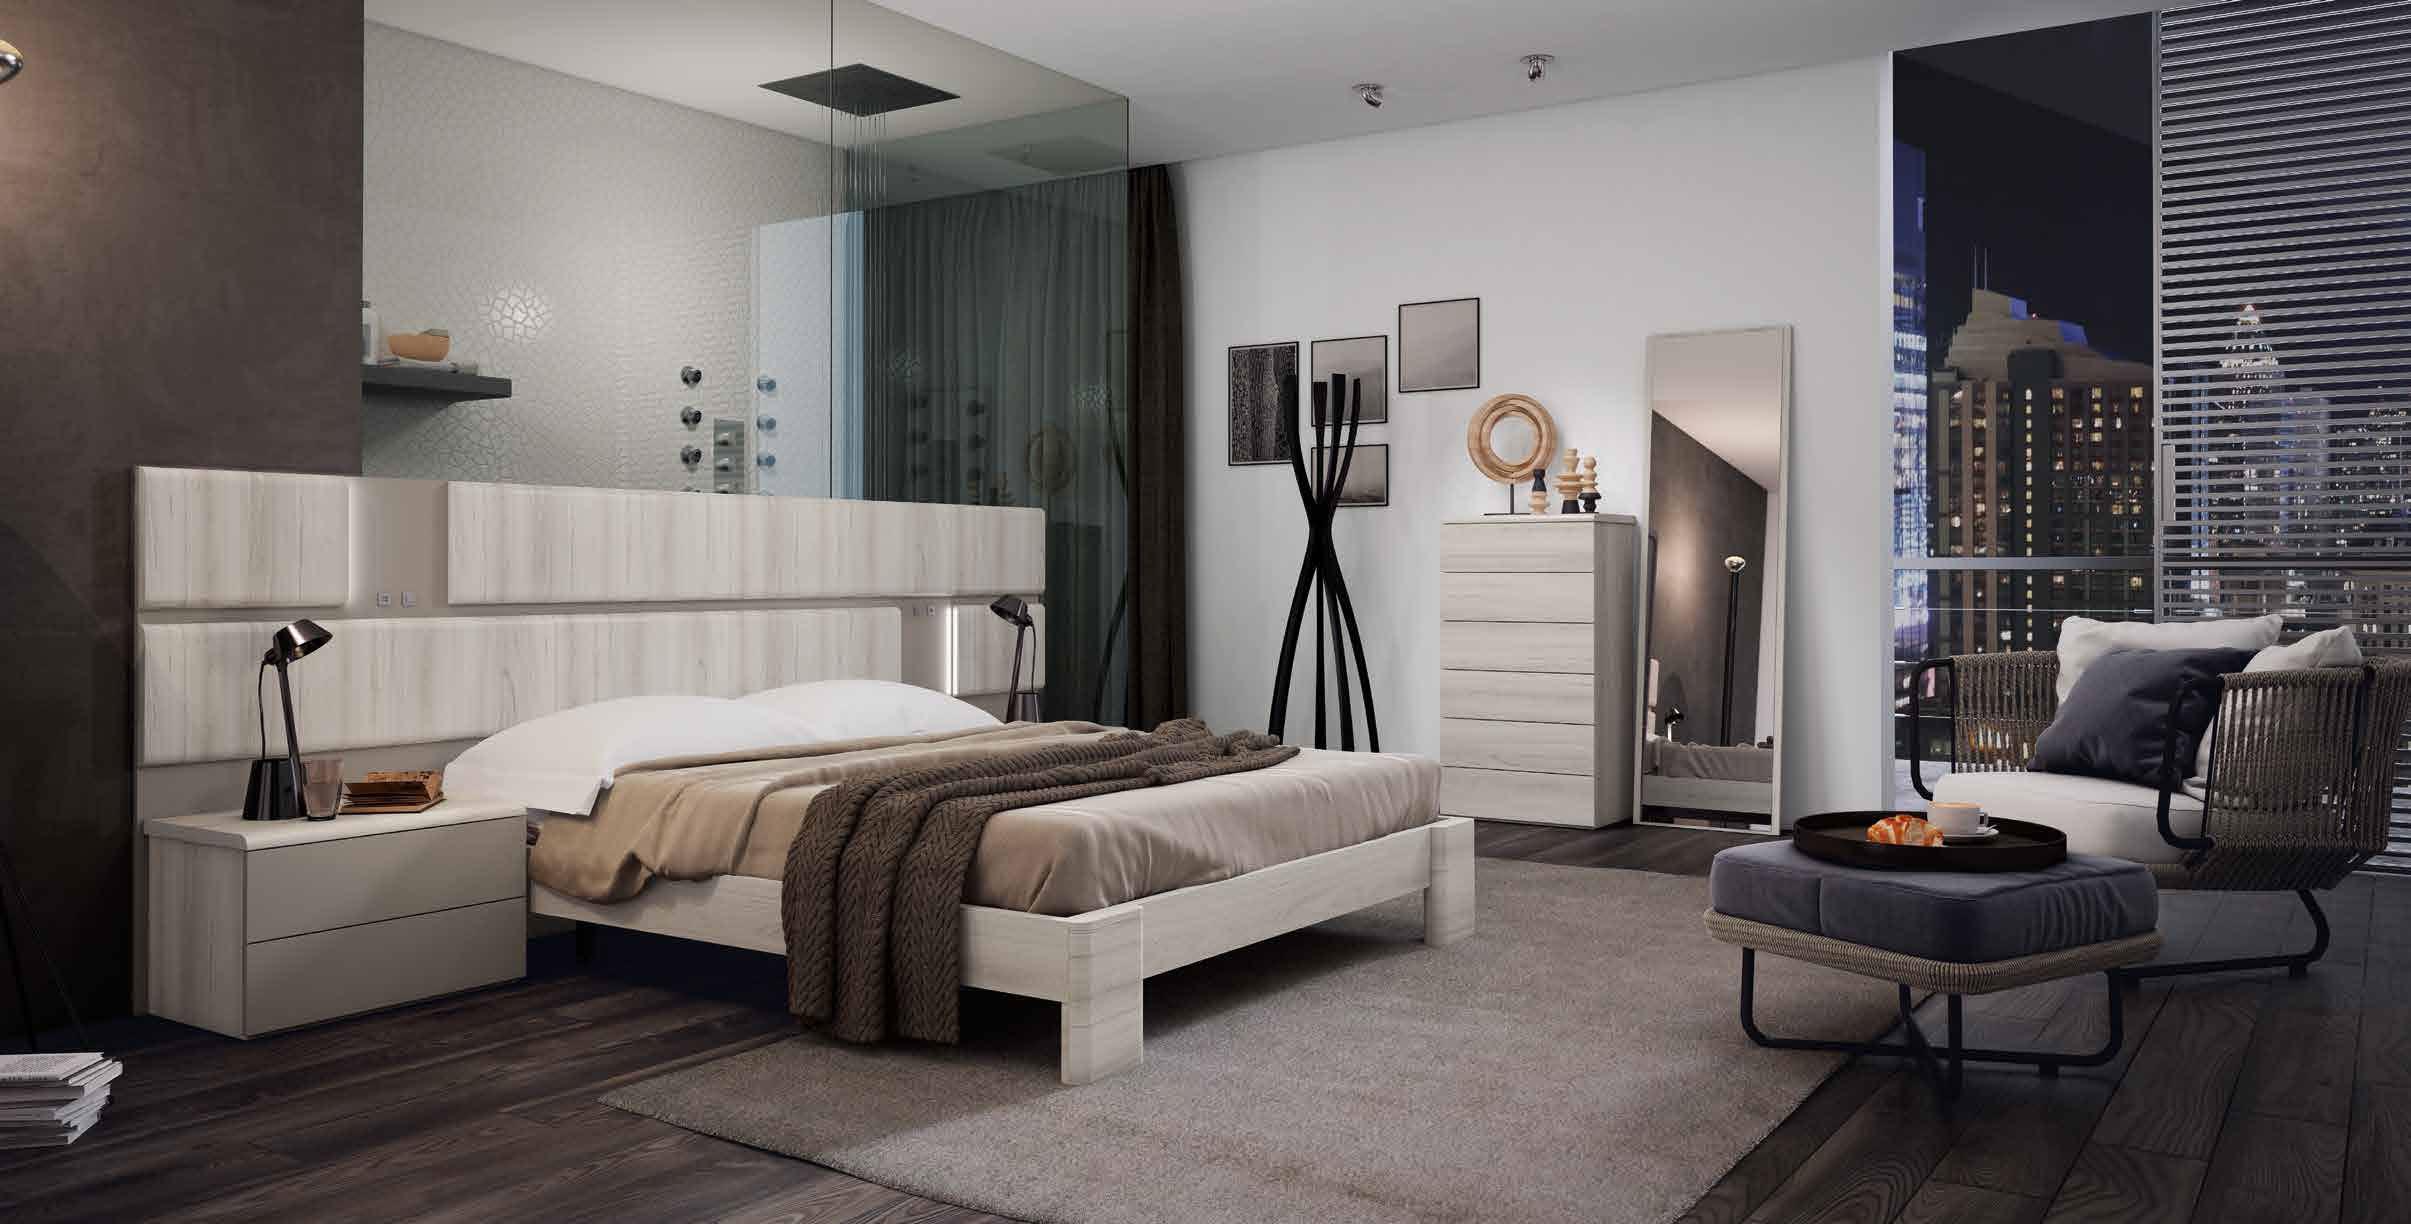 creta-dormitorio-garona-24